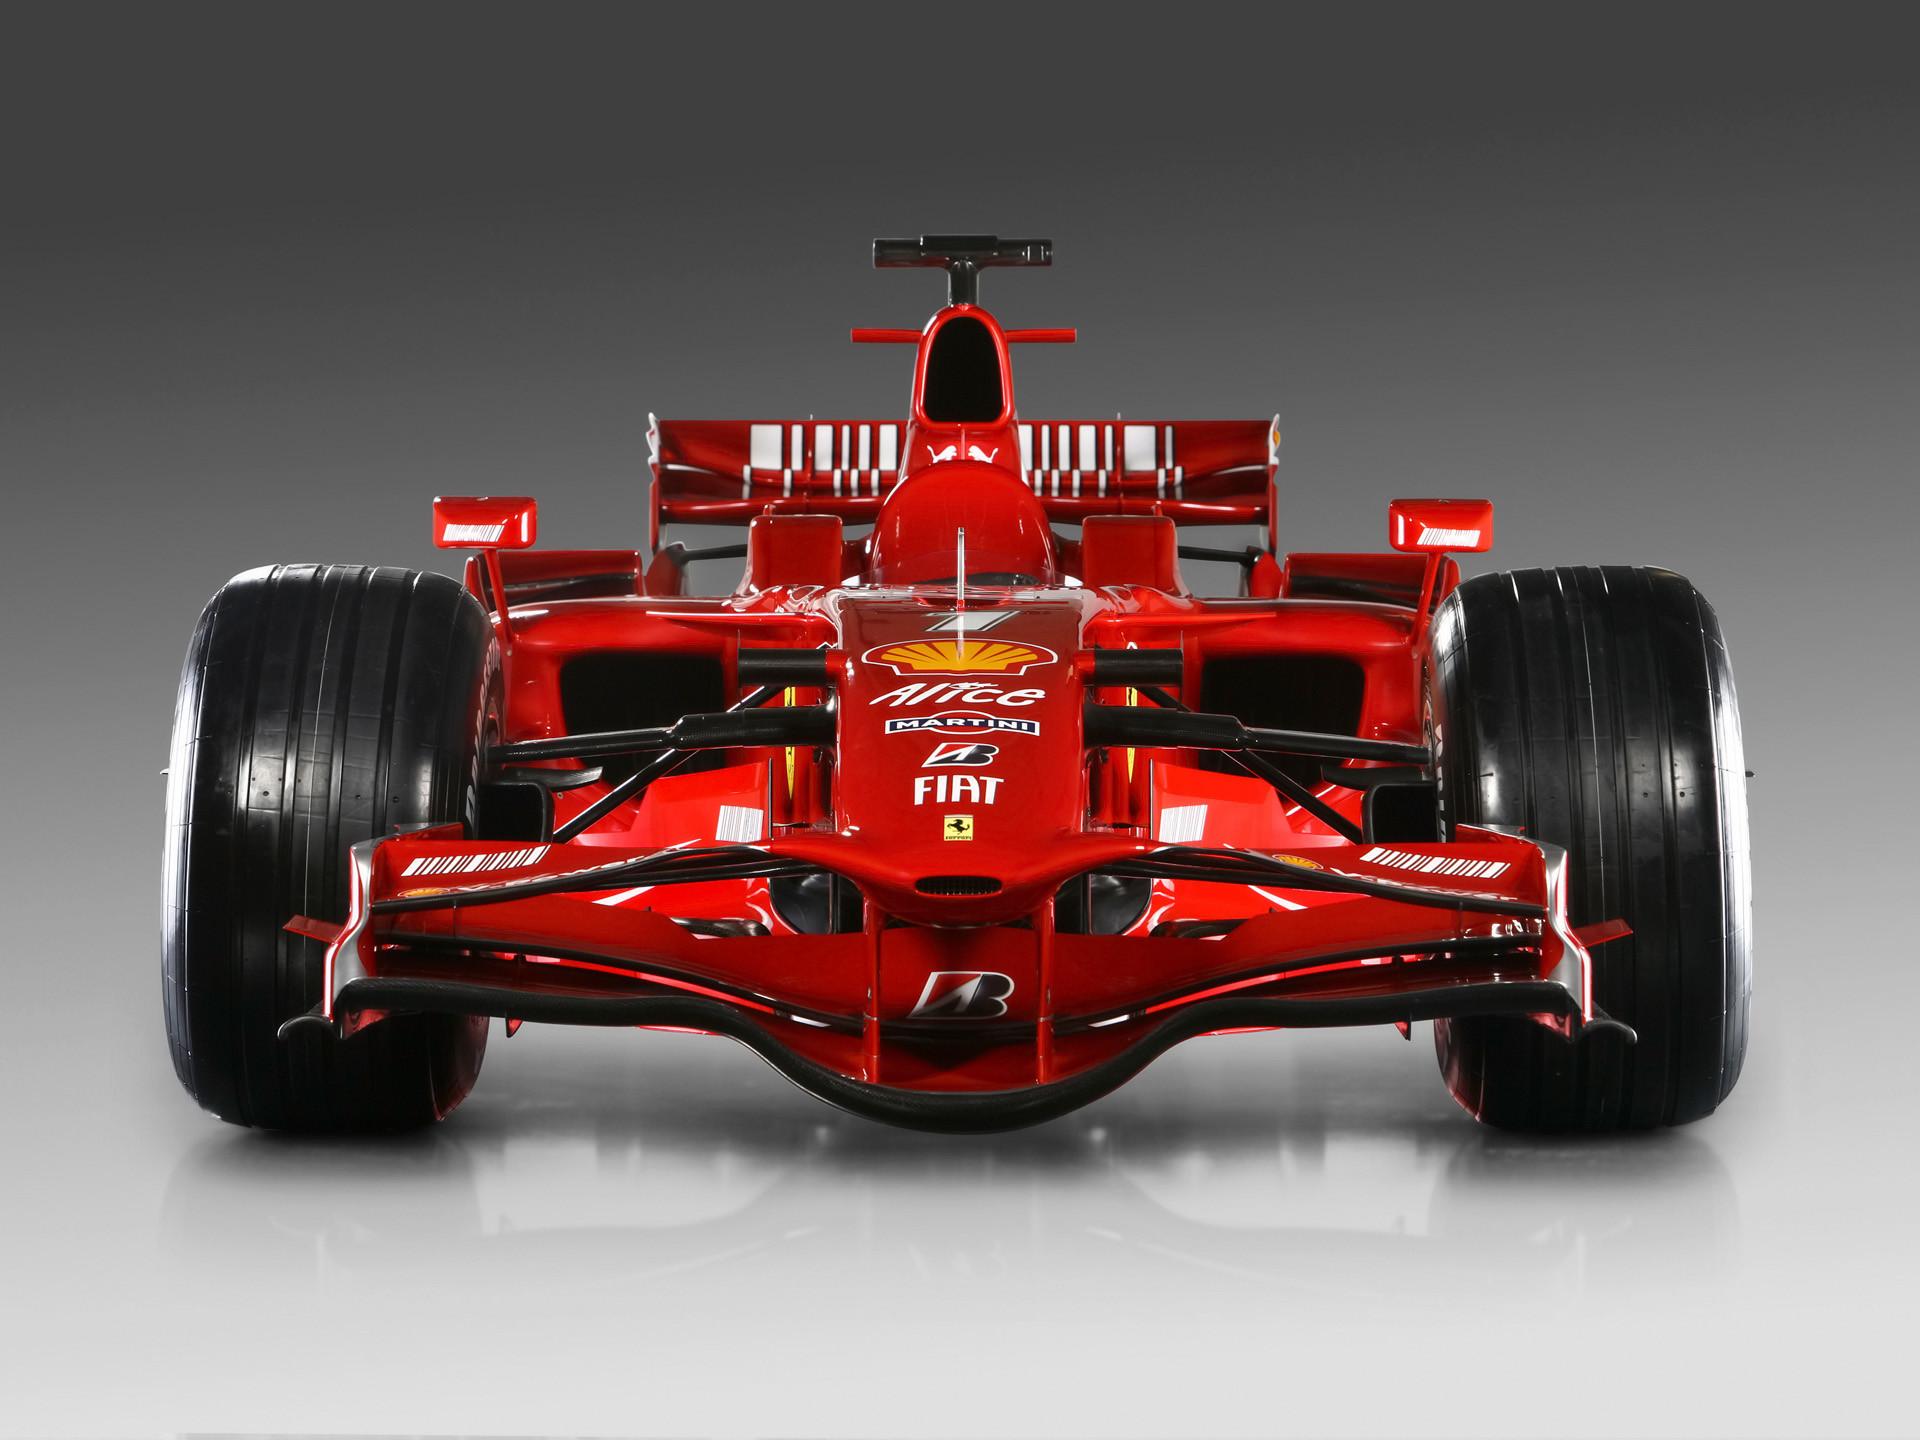 F1 Mercedes Wallpaper Full HD #u9Y | Cars | Pinterest | Mercedes gp, F1  racing and Ferrari